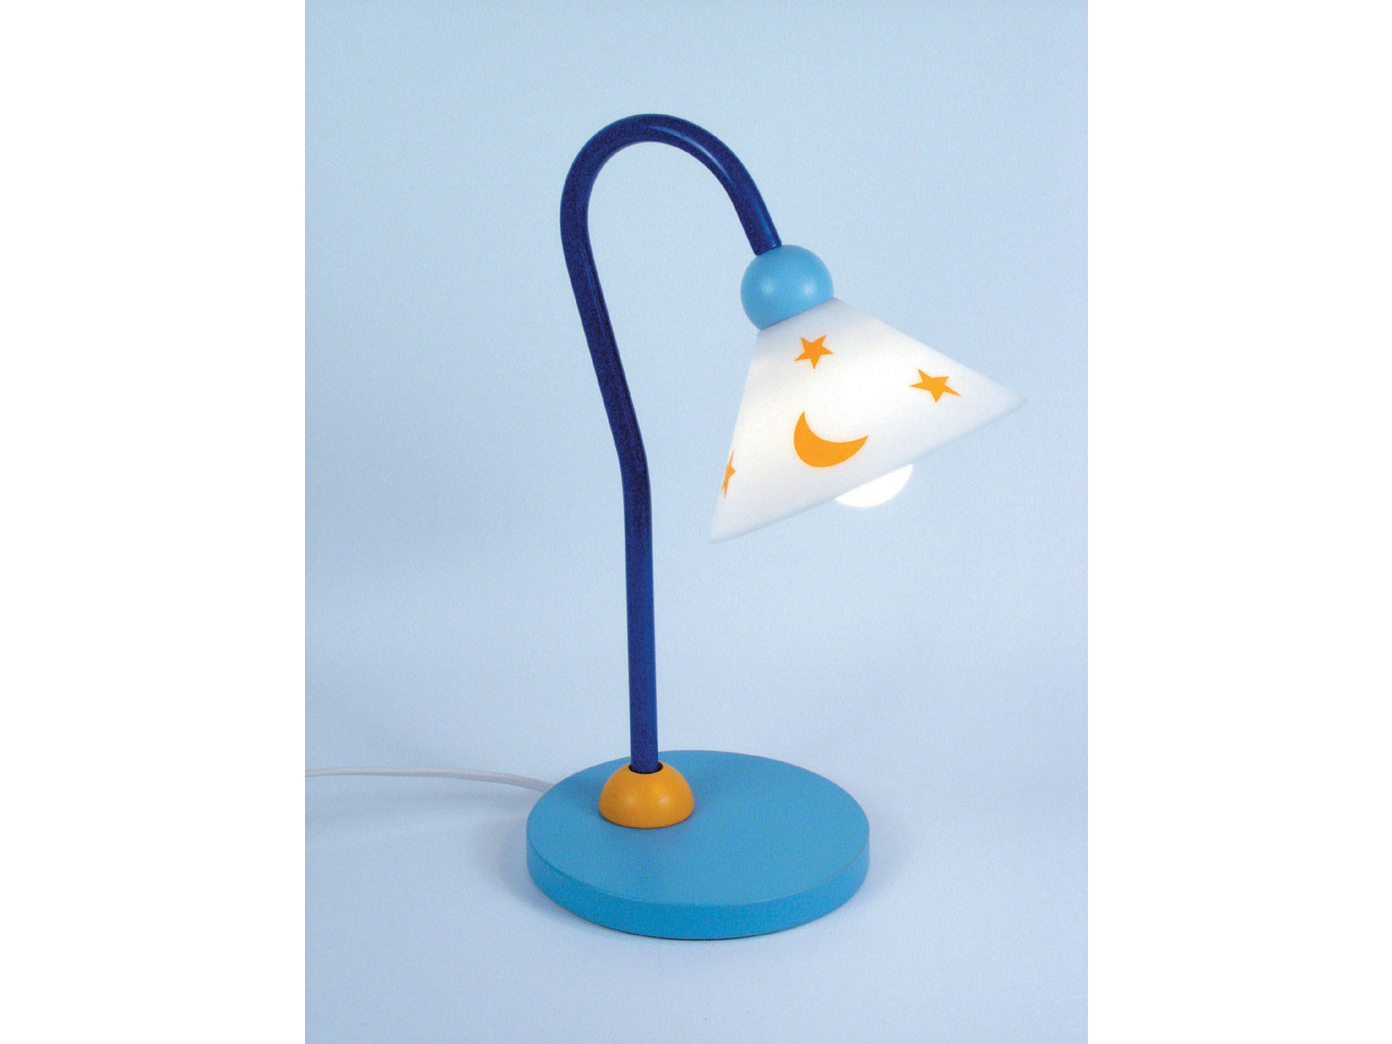 led kinder leseleuchte led schreibtischlampe flexibel prinz kinderlampe hellblau eur 54 99. Black Bedroom Furniture Sets. Home Design Ideas